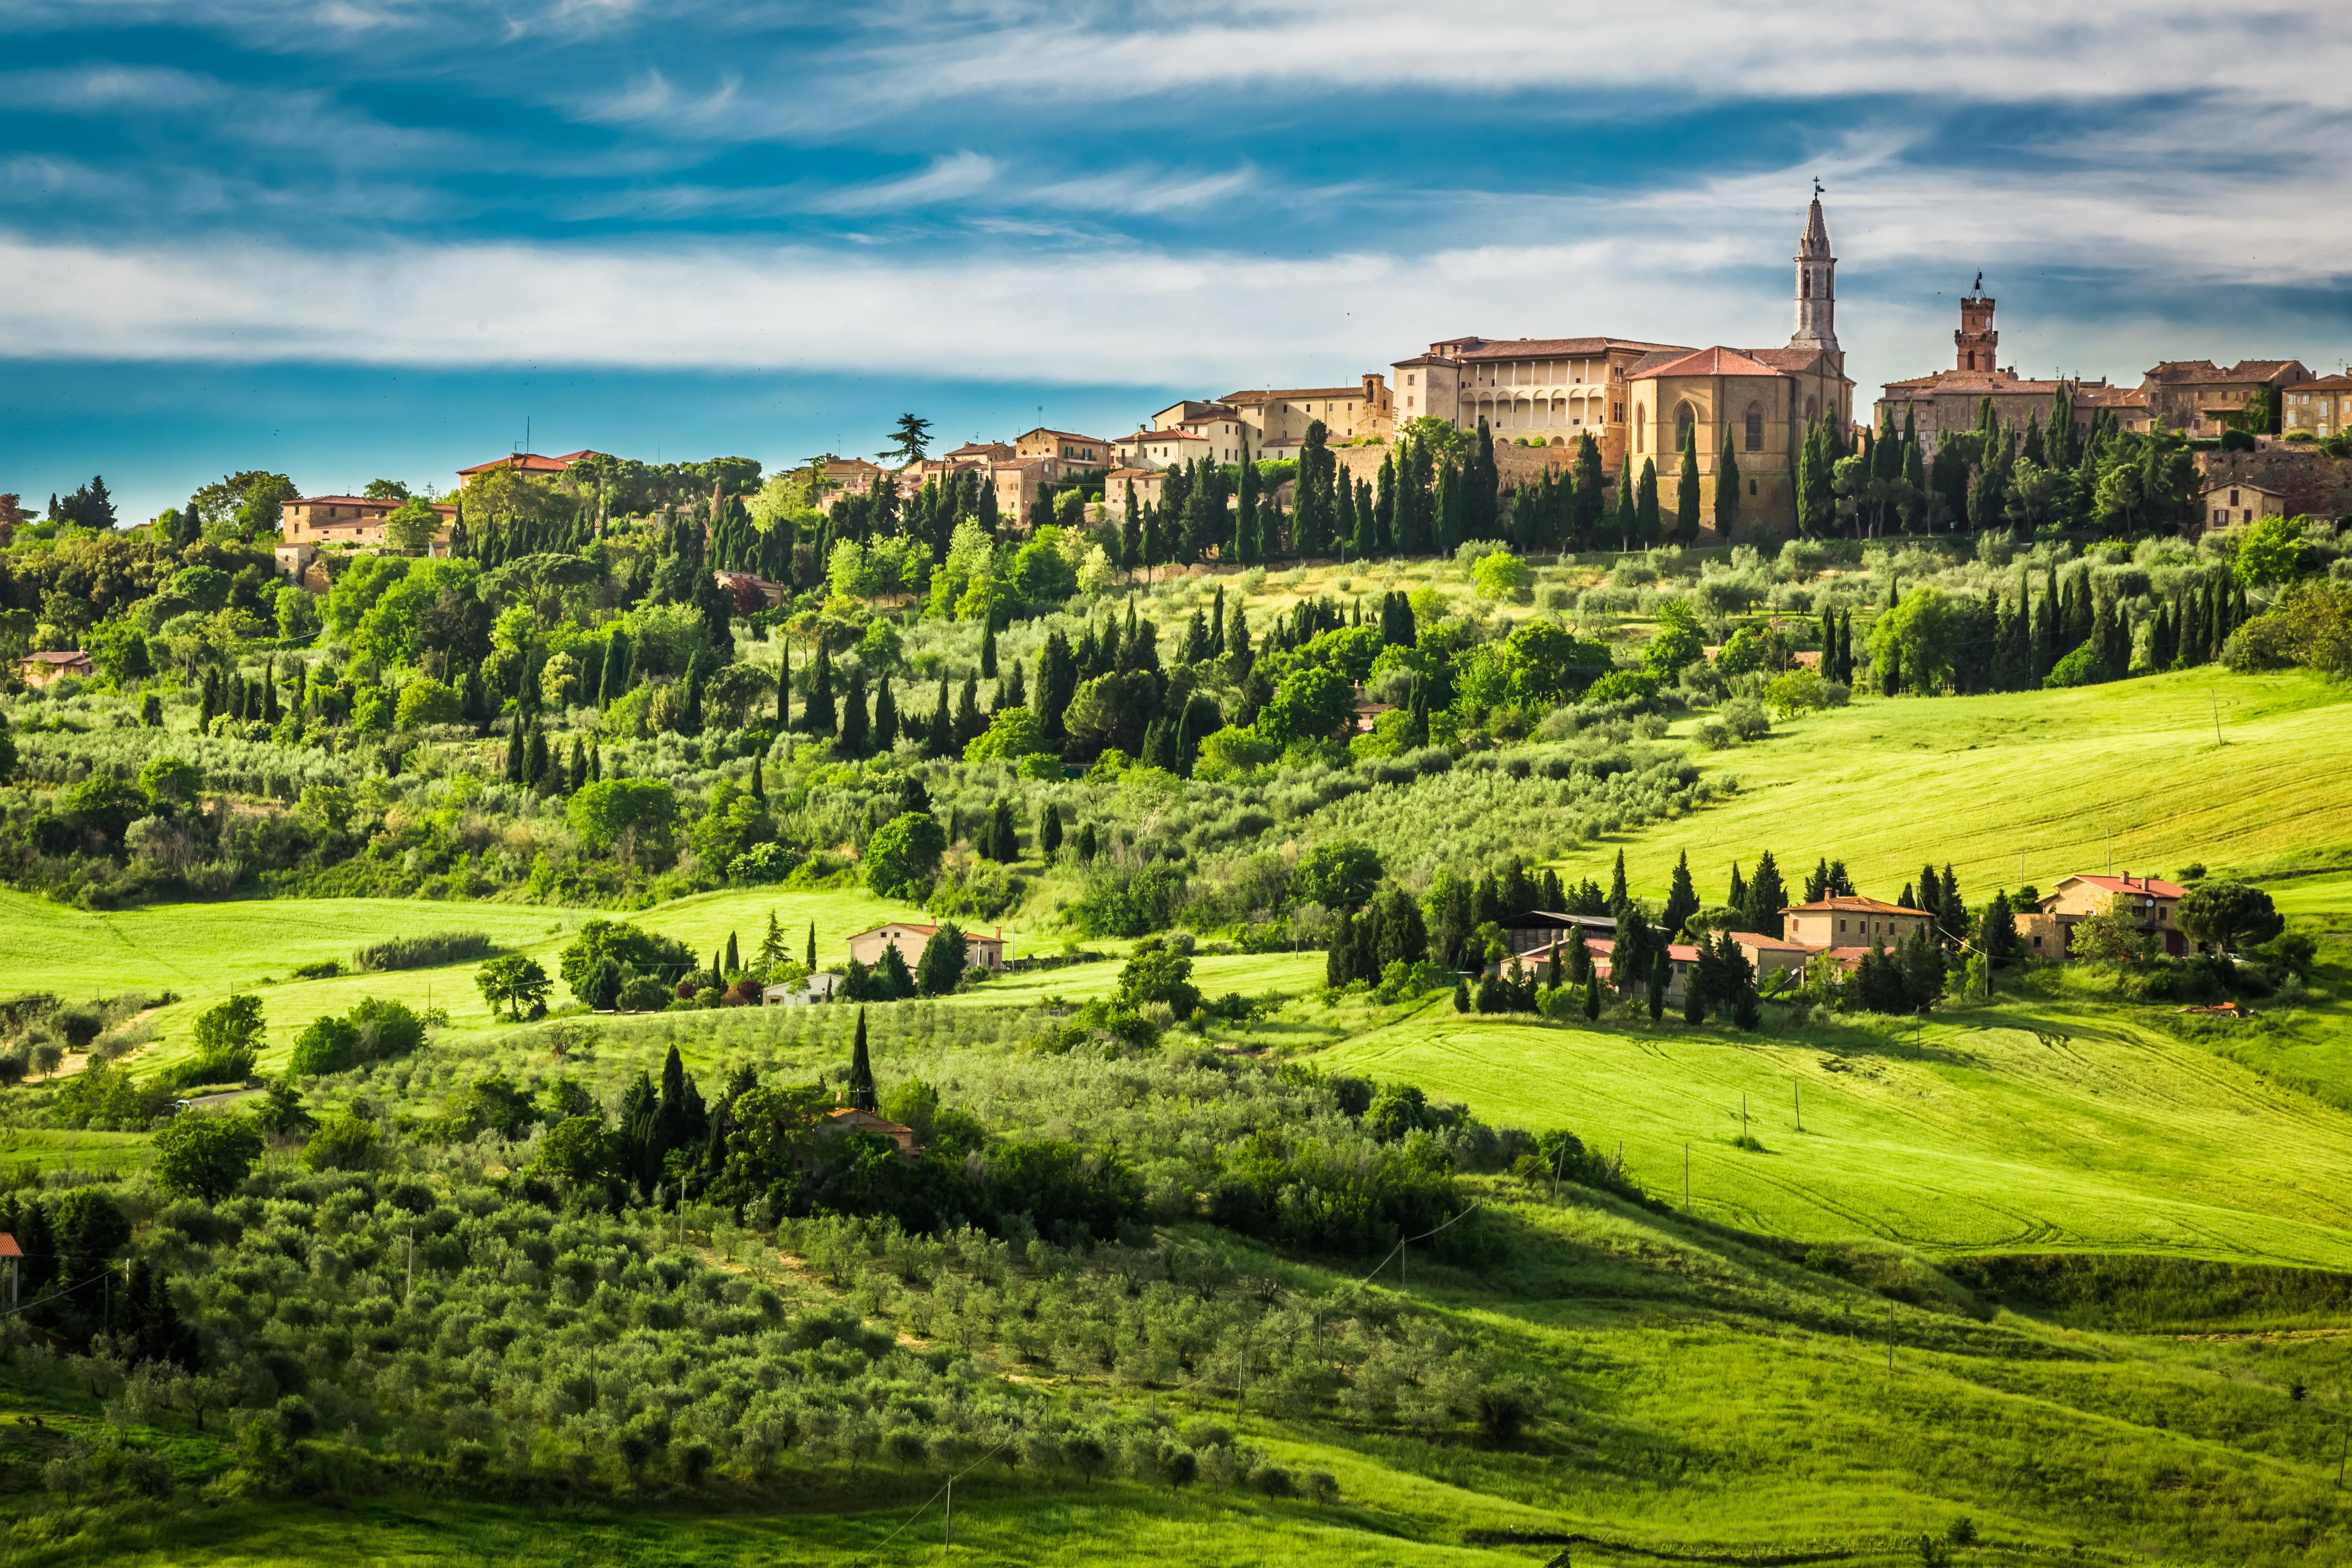 """Descubriendo Pienza, la """"ciudad ideal"""" - Italia Circuito Lo mejor de la Toscana"""